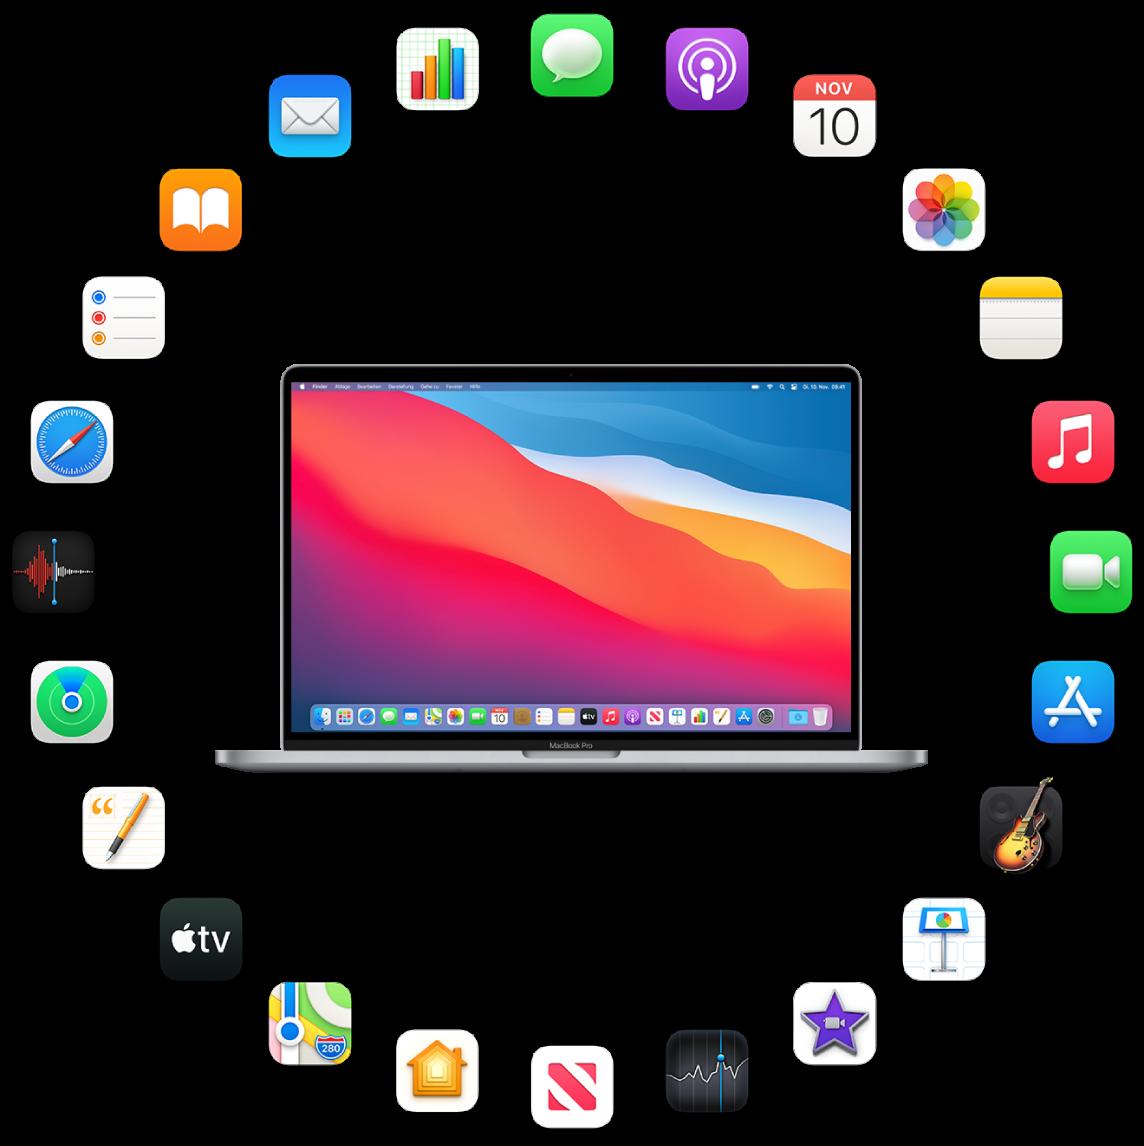 Ein MacBook Pro umgeben von Symbolen der Apps, die im Lieferumfang enthalten sind und in den folgenden Abschnitten beschrieben werden